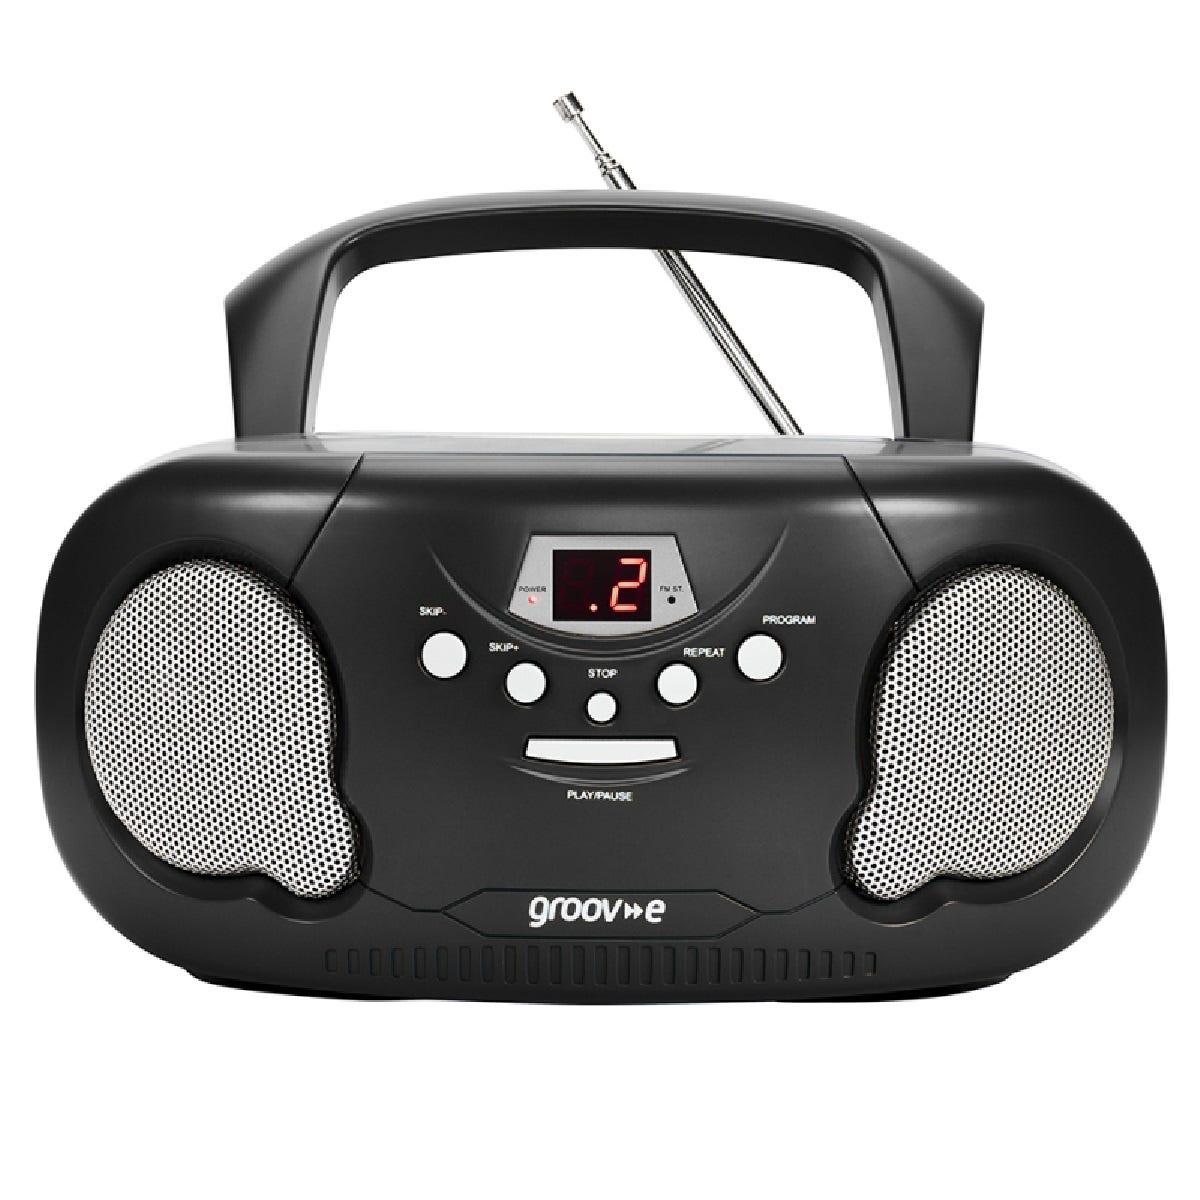 GROOV-E Original Boombox GV-PS733 Portable FM/AM Boombox - Black, Black